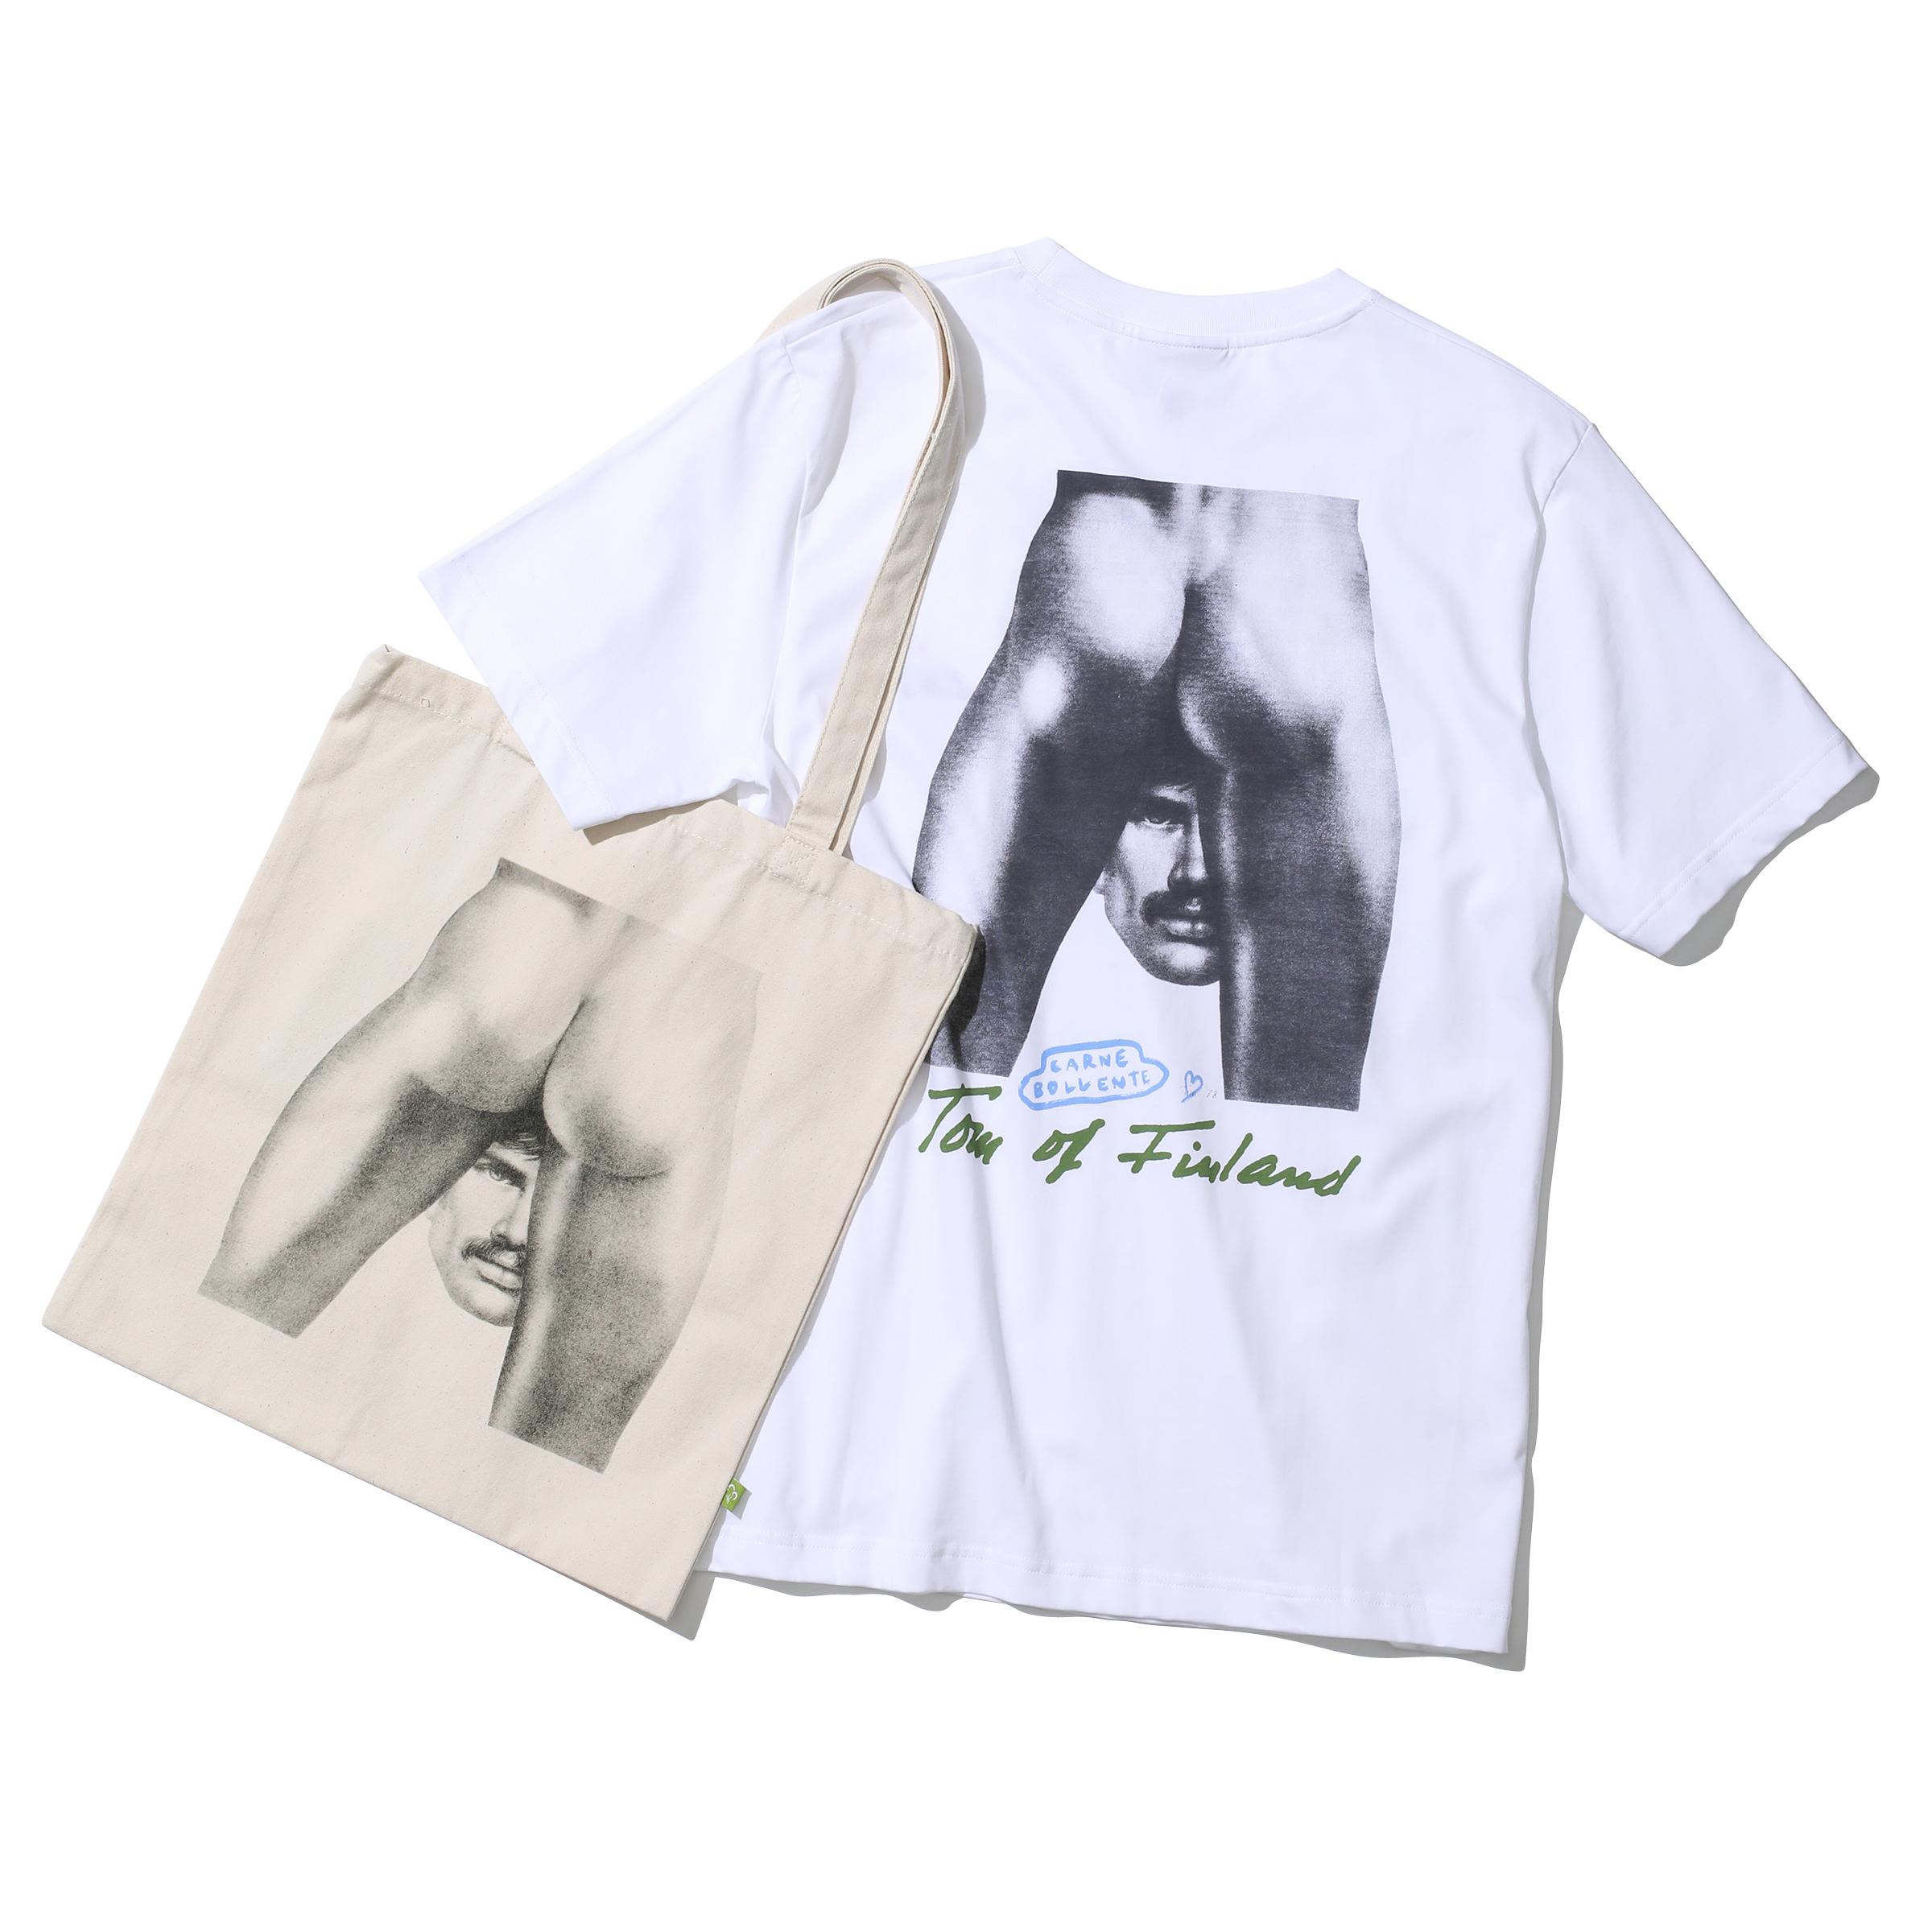 カルネ ボレンテ × トム・オブ・フィンランドのTシャツとトートバッグ